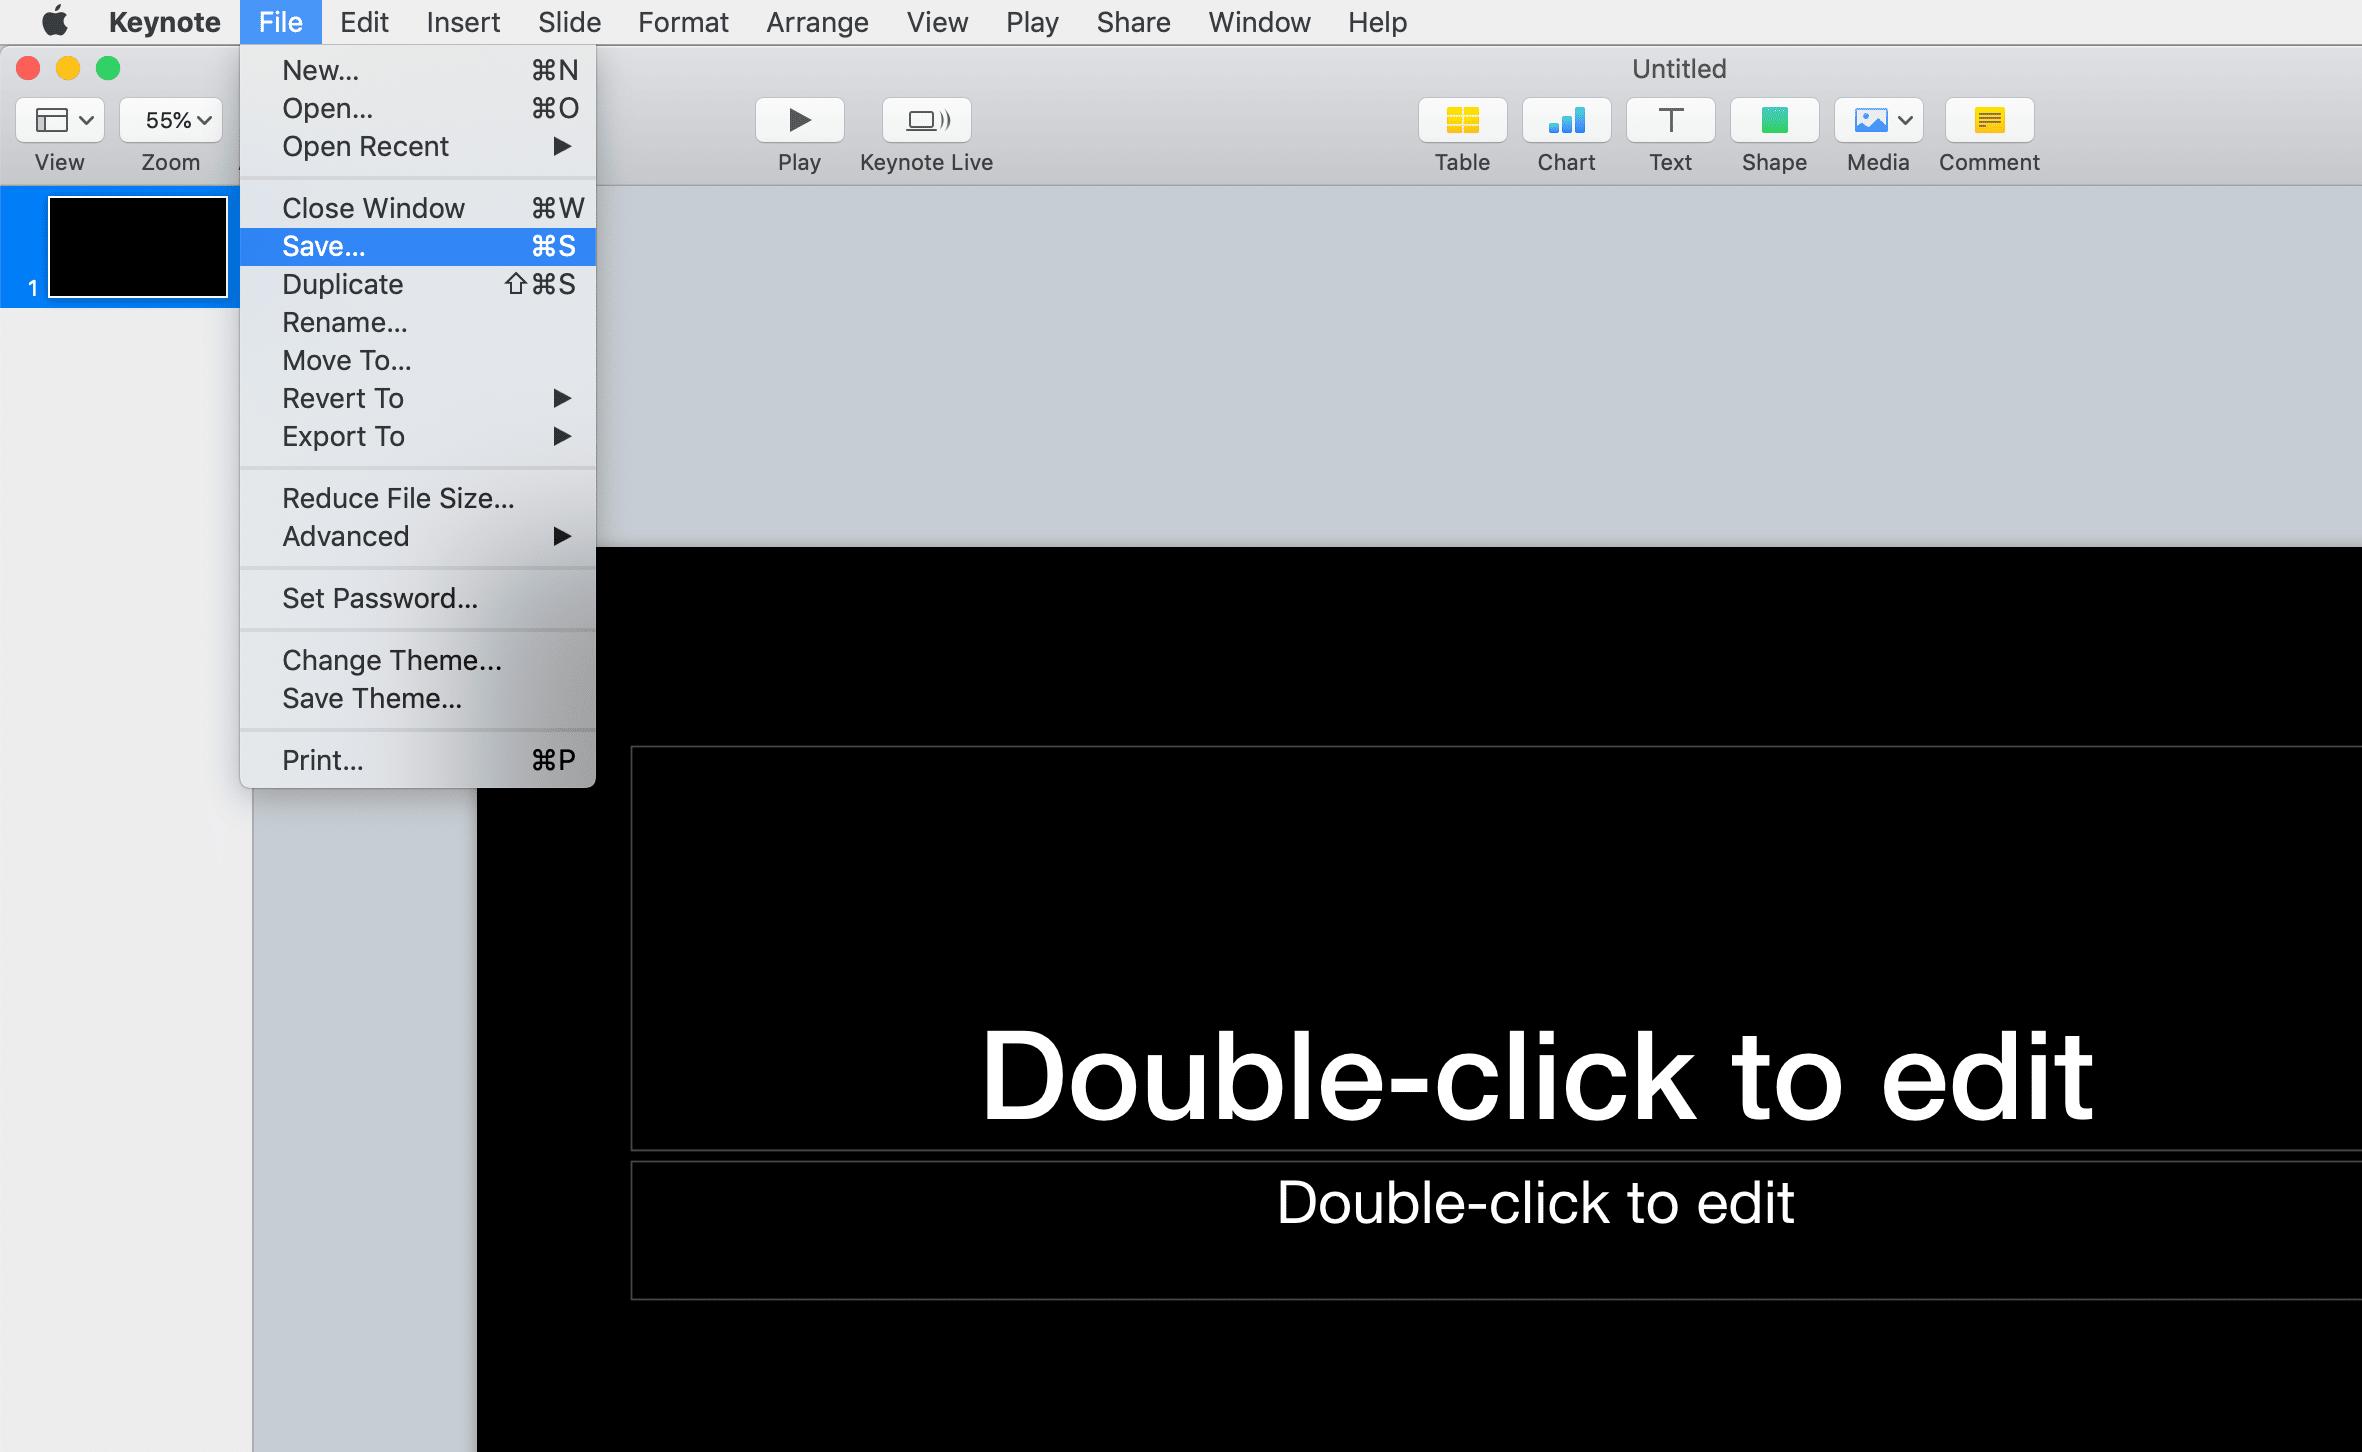 Saving a Presentation in Keynote